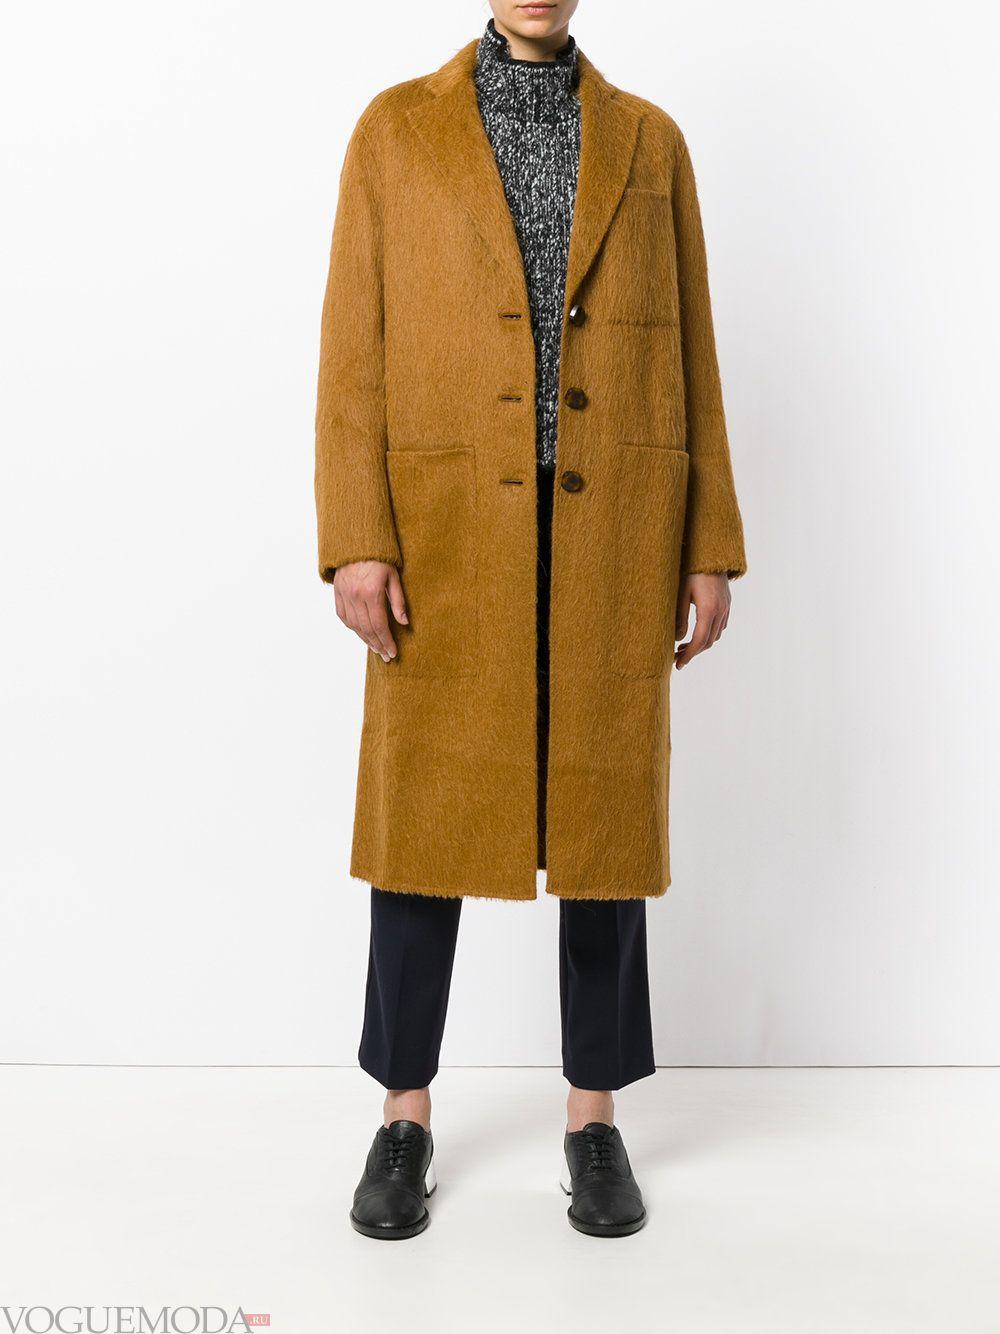 e80769fb172 Nii näiteks, ainult üks lai nahast vöö või karusnaha krae mantel püstitab  rea eriti prestiižseid ja luksuslikke riideid. Värvipalett peaks olema  sobiv.